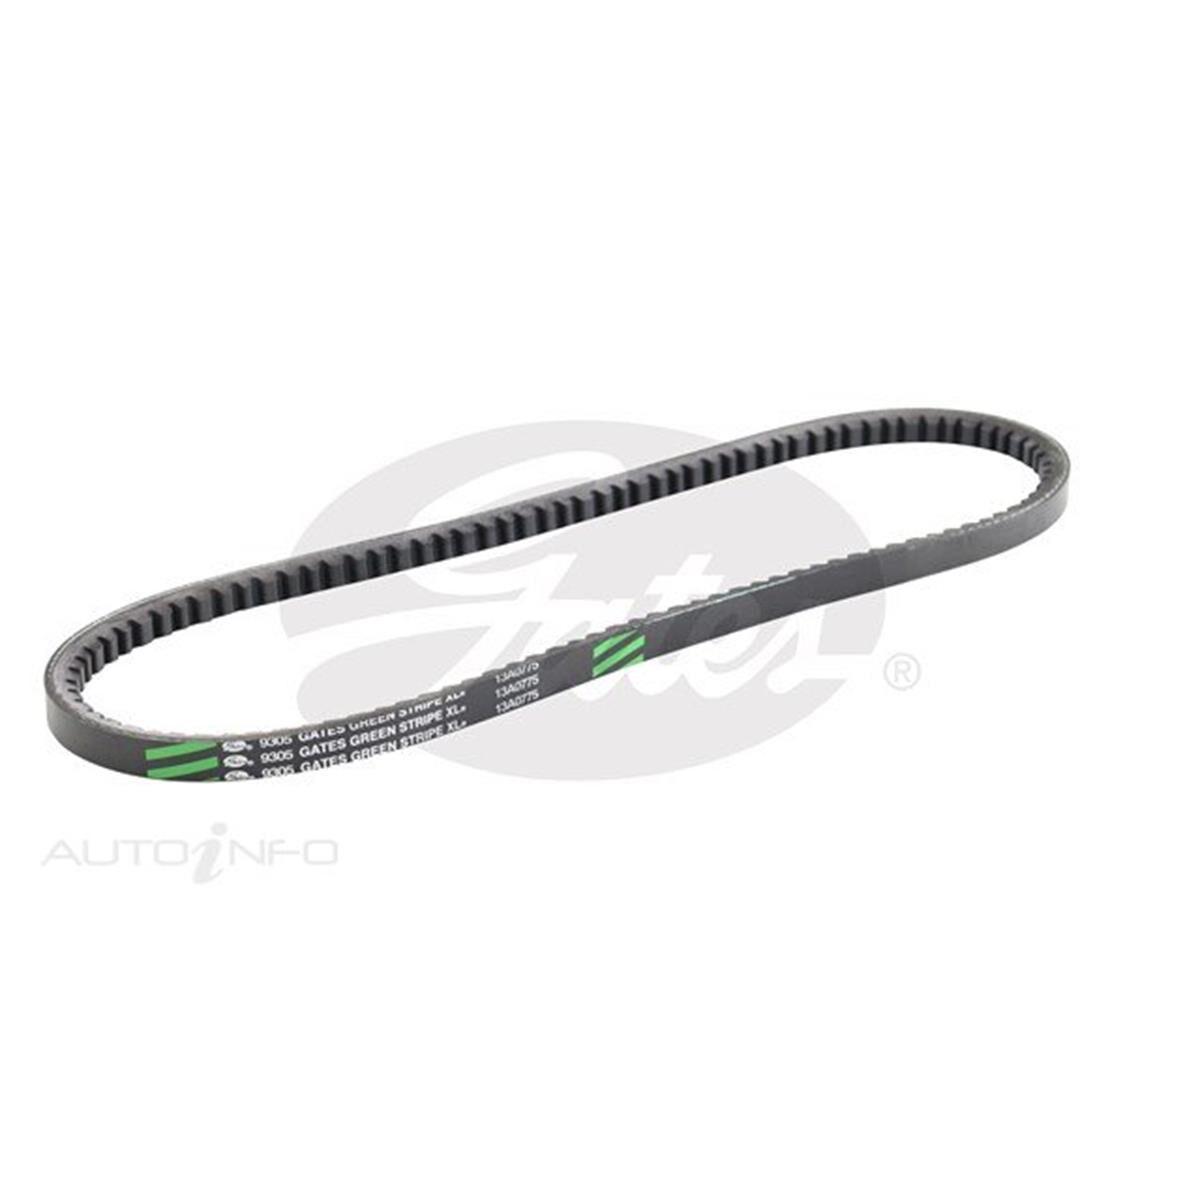 92.65 Length 0.86 Width D/&D PowerDrive 25060919 Napa Automotive Replacement Belt